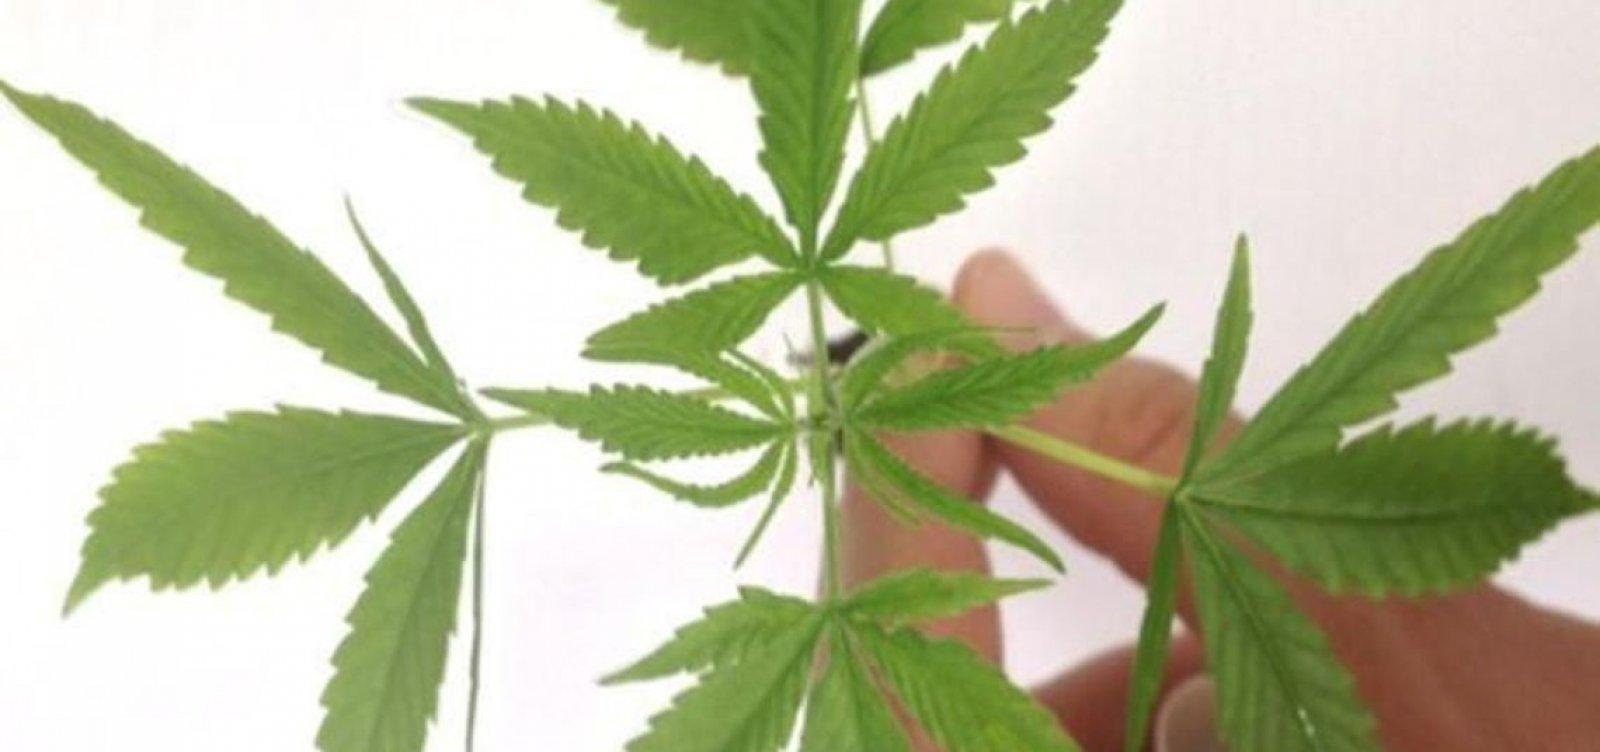 [Justiça dá aval para plantação de maconha para uso medicinal]